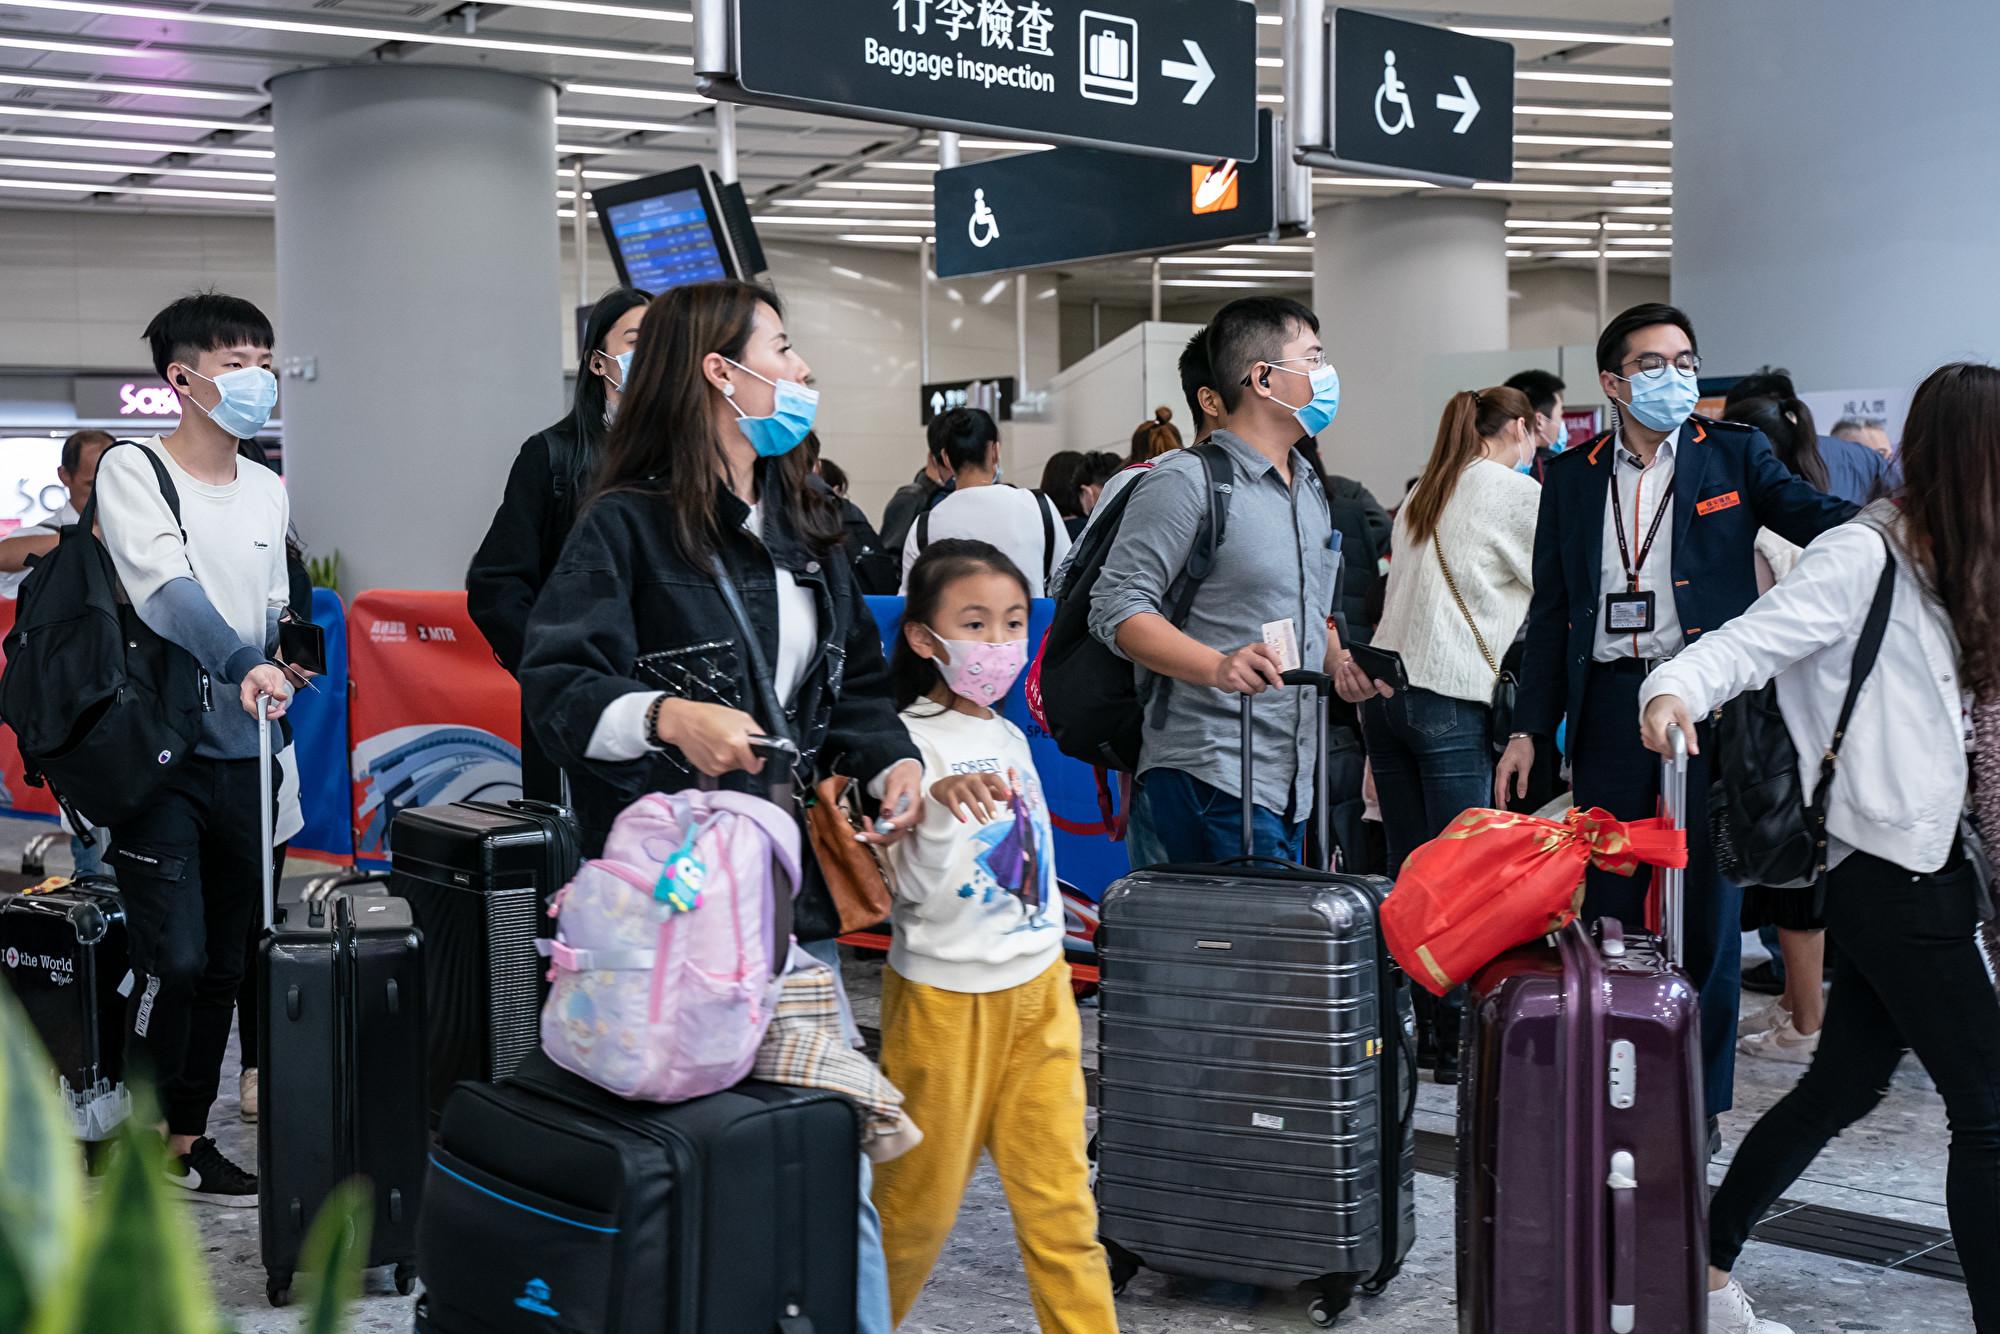 繼北京後 上海等6省市暫停省級客運